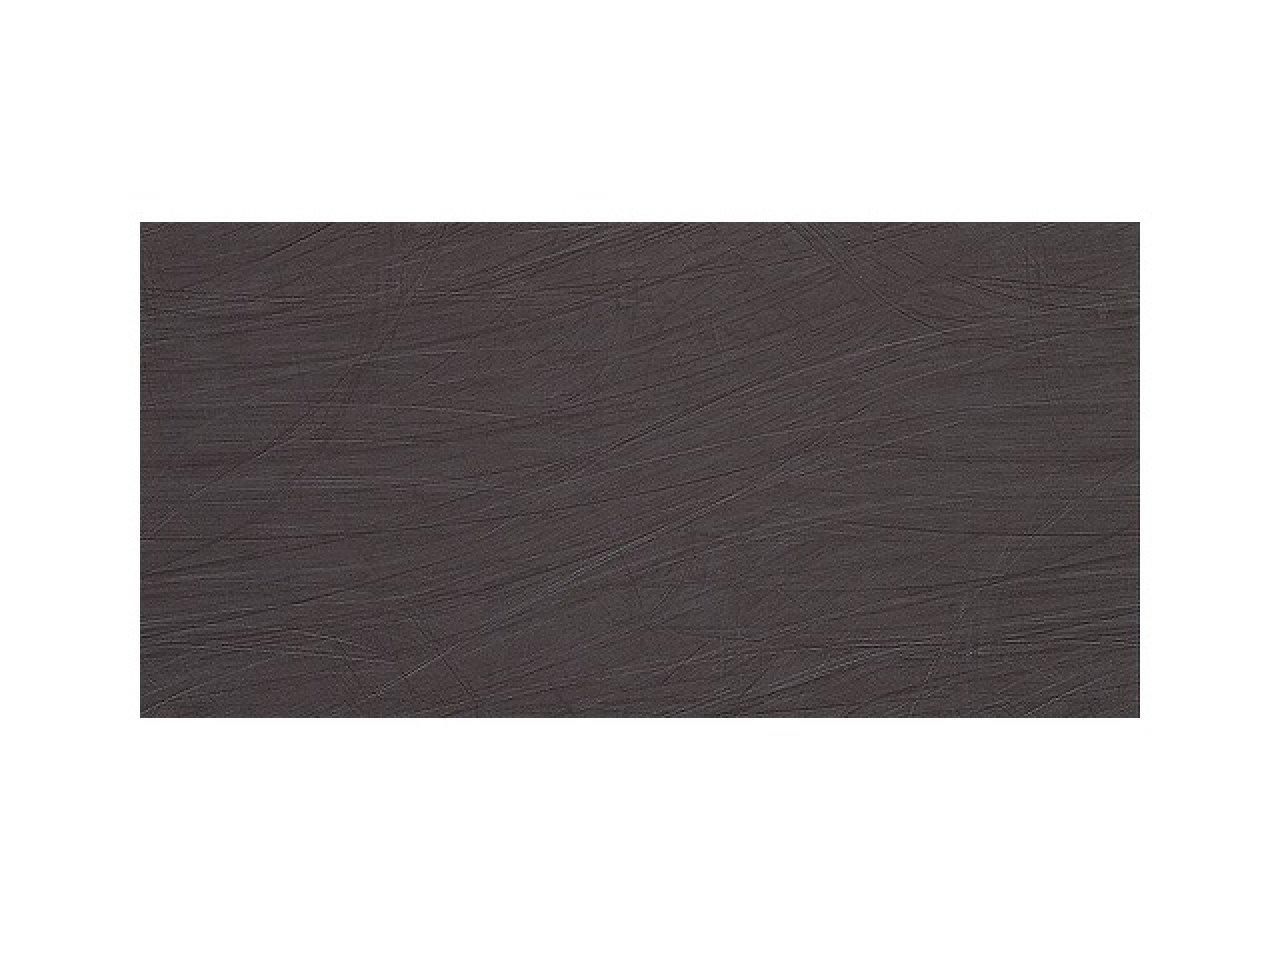 Настенная плитка Magnifique Tabacco Satin 40x80